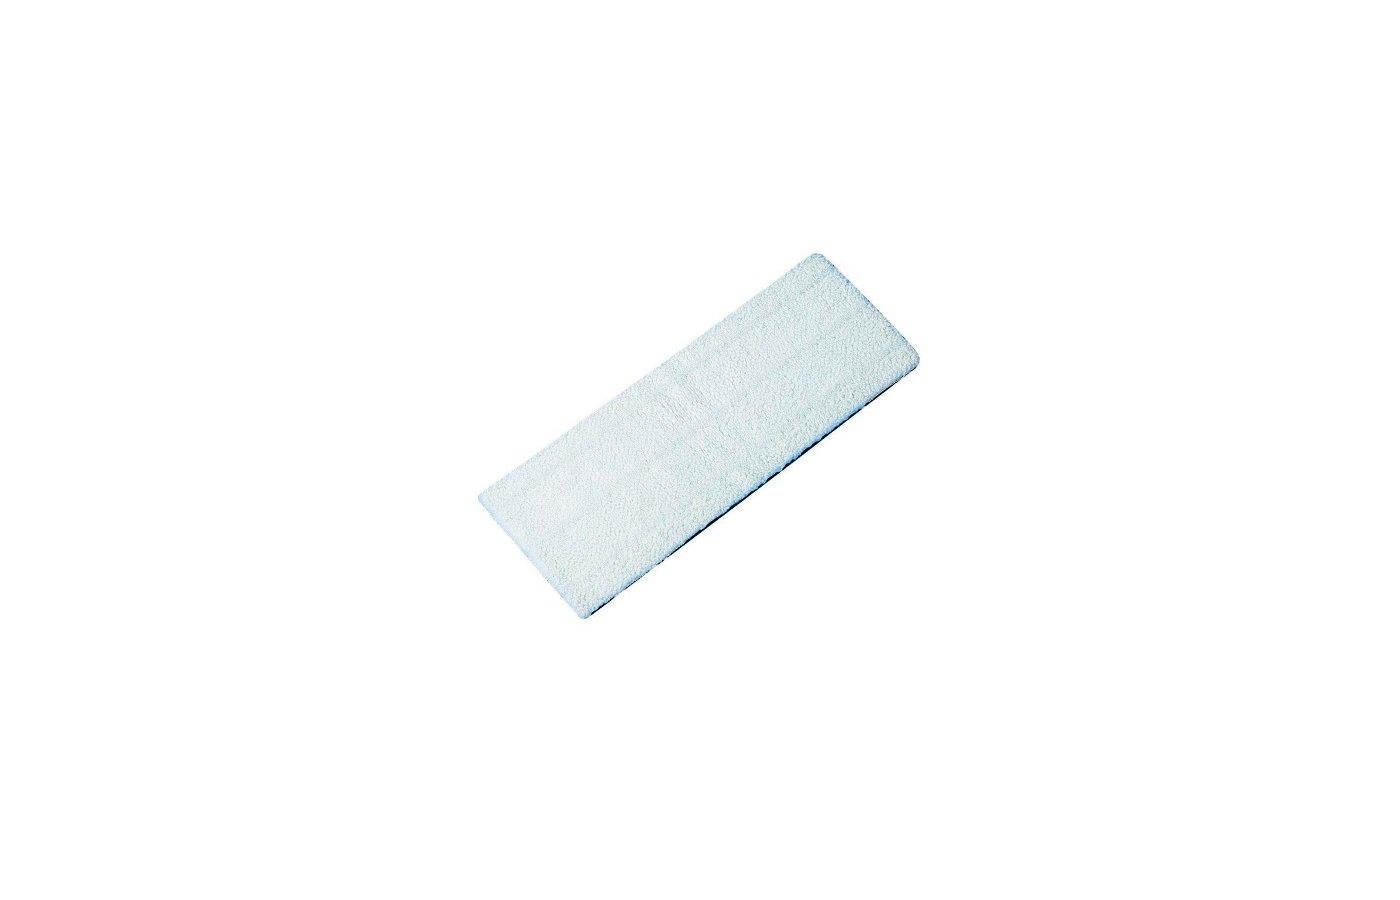 Инвентарь для уборки LEIFHEIT Убор PICOBELLO Зап.насадка (XL д/56553)56608